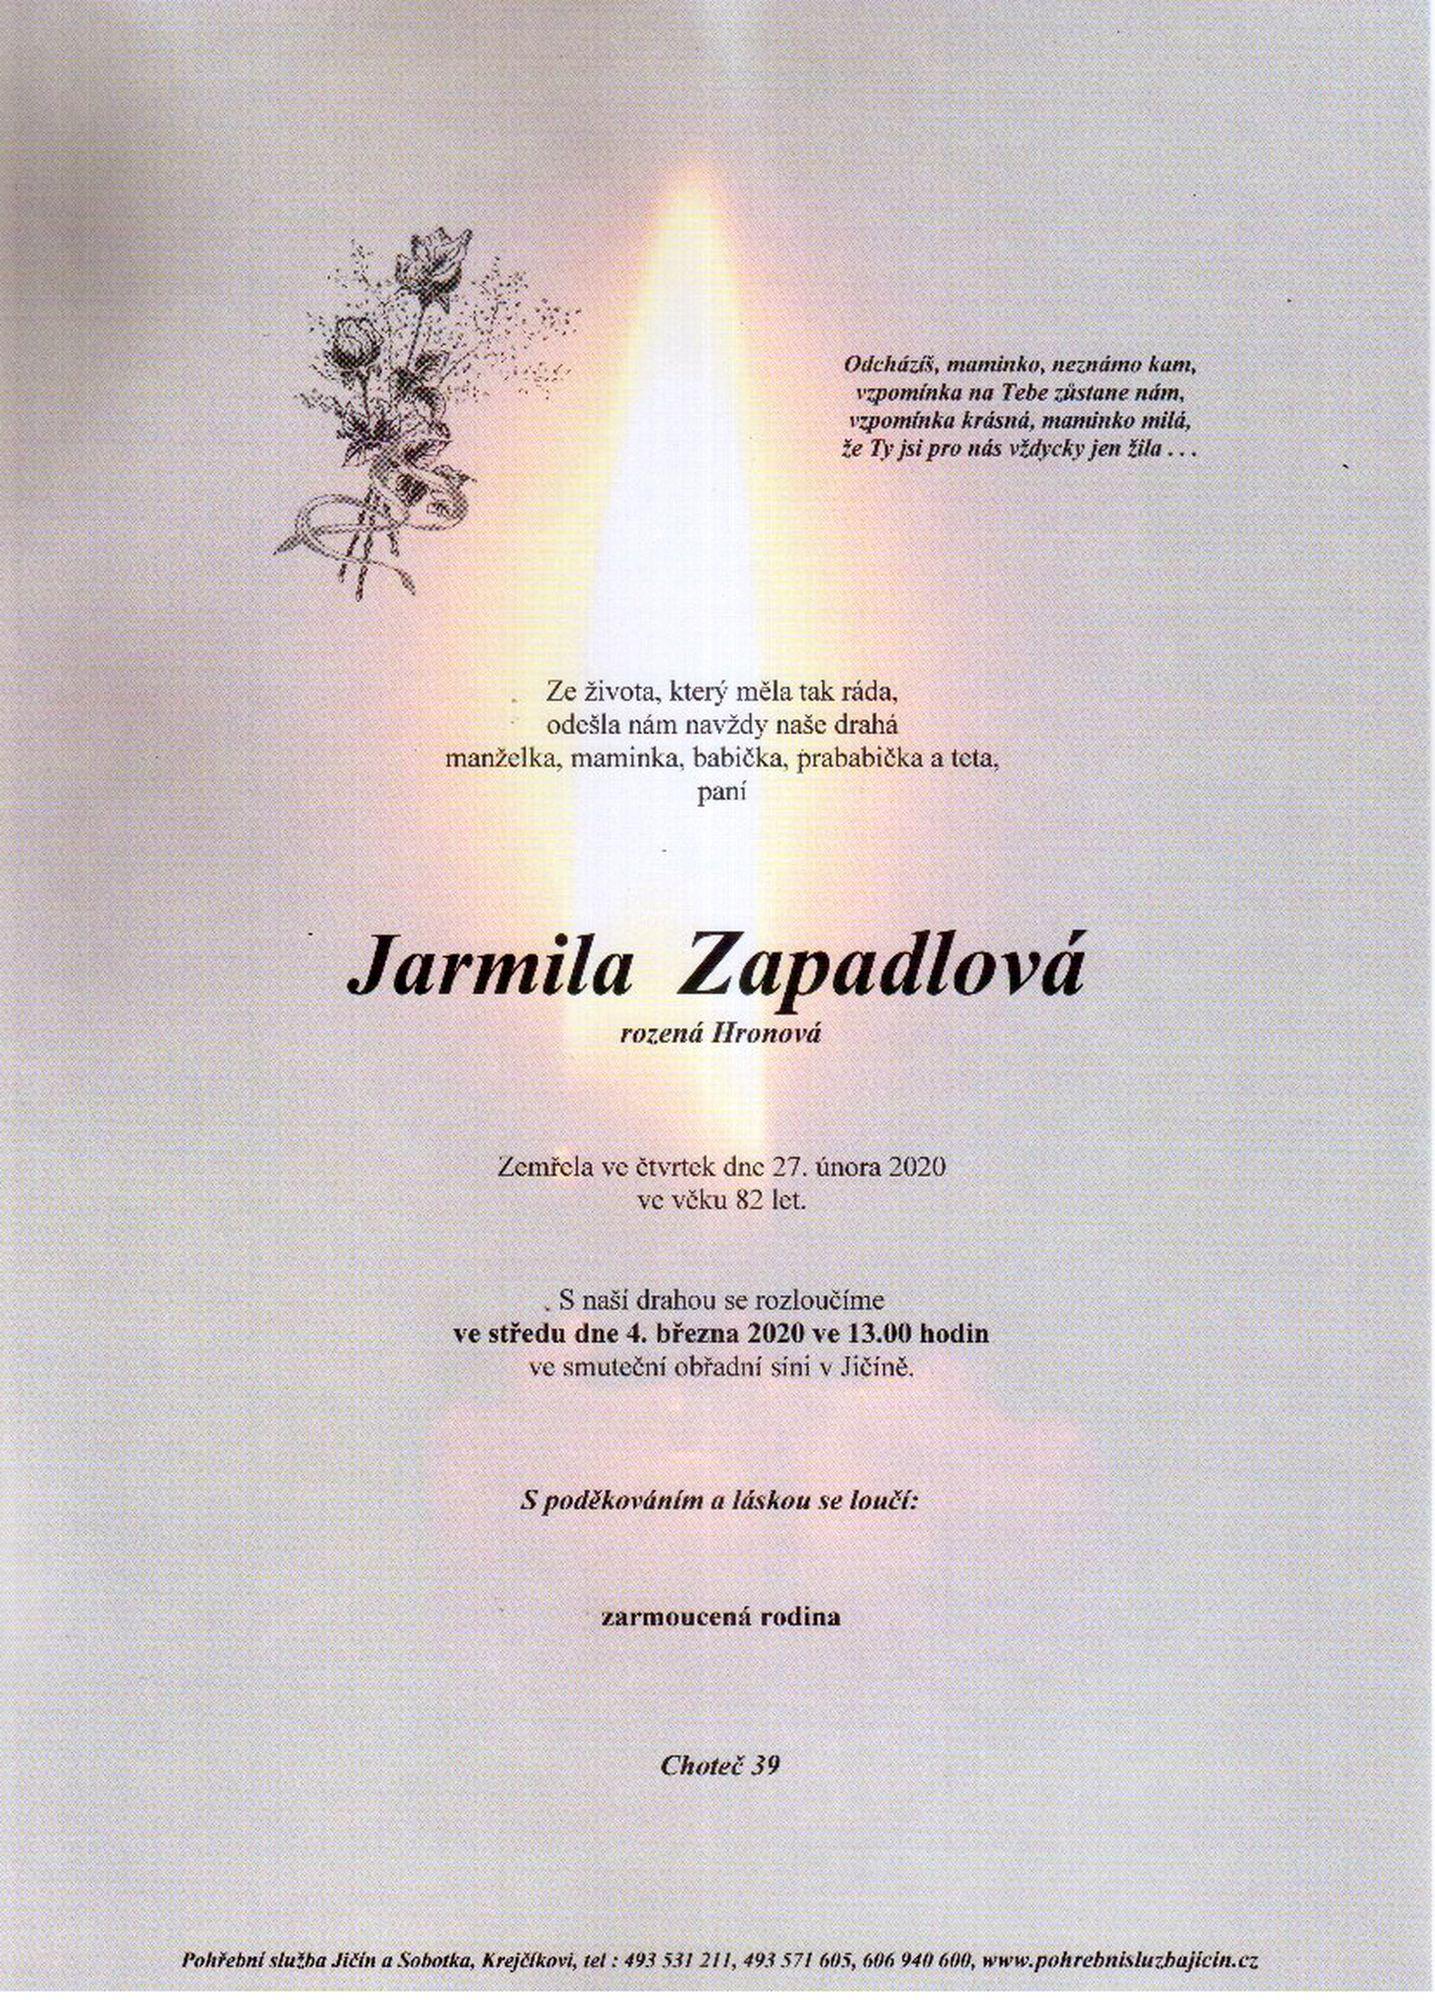 Jarmila Zapadlová